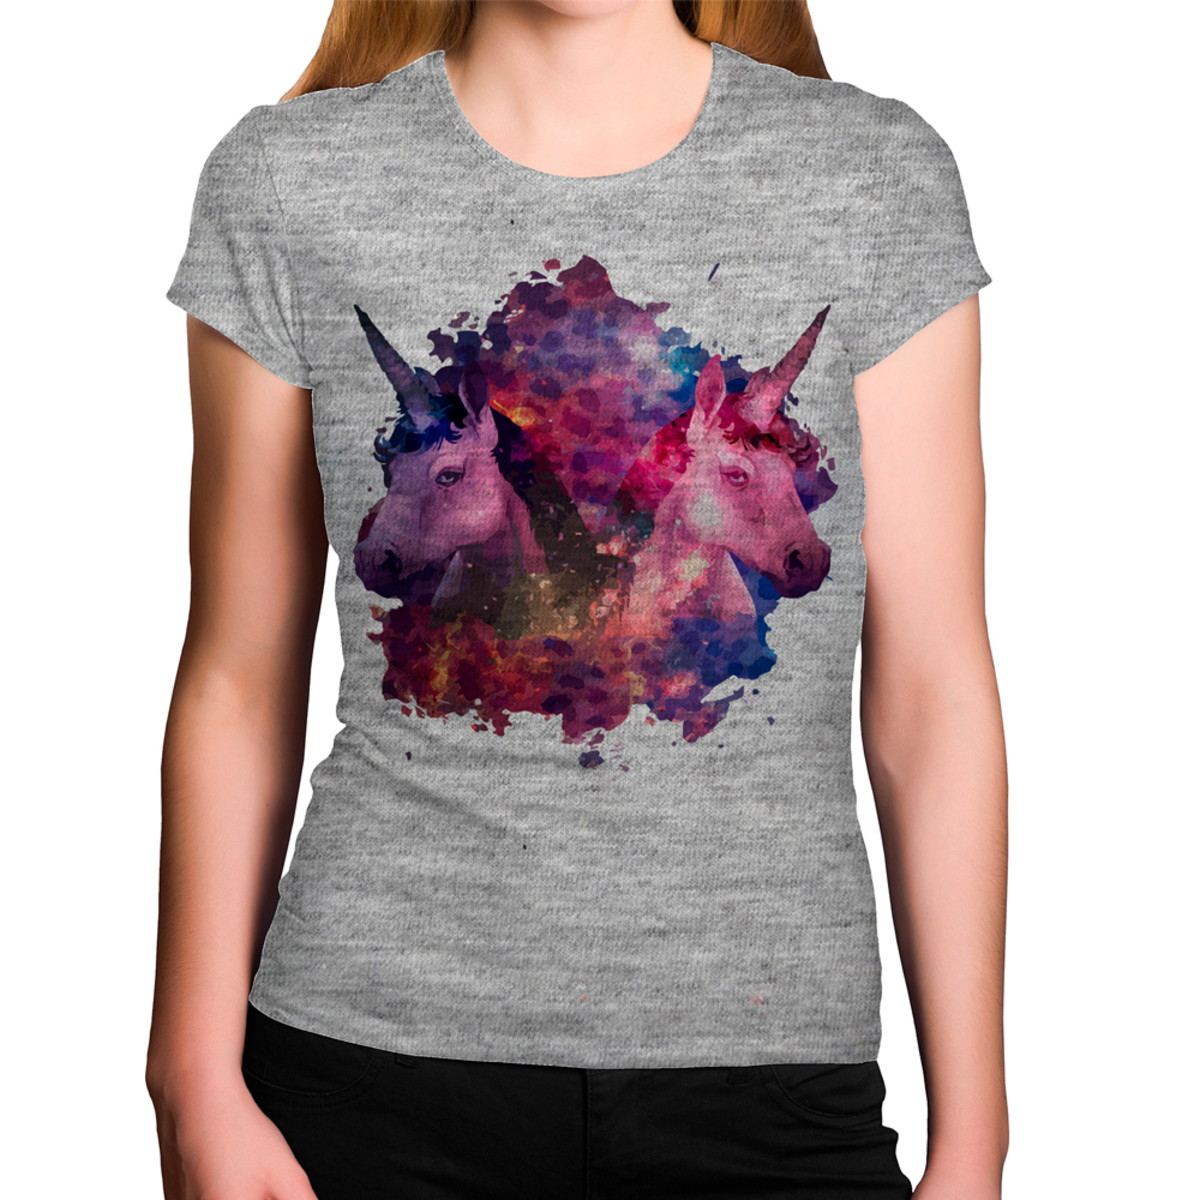 2a2498fde2 Camiseta Feminina Cinza Mescla Unicórnio Roxo Colorido no Elo7 ...